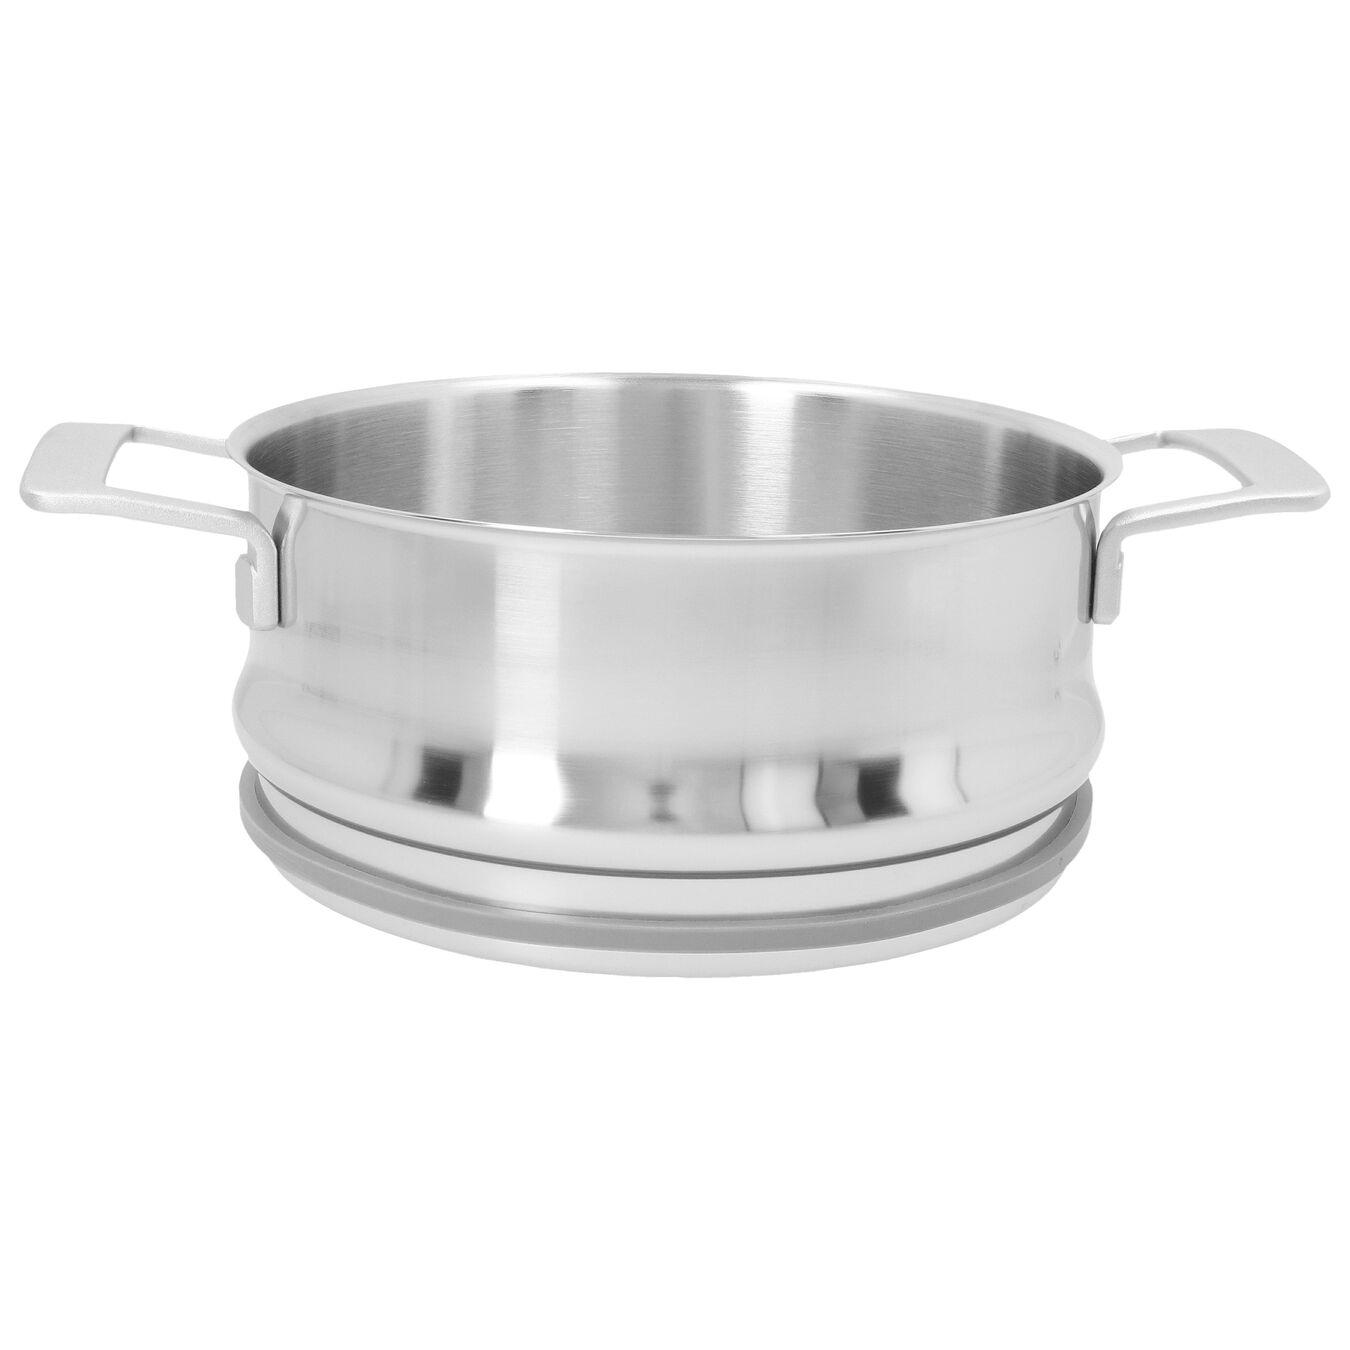 Passoire pour cuit vapeur 24 cm, Inox 18/10,,large 1